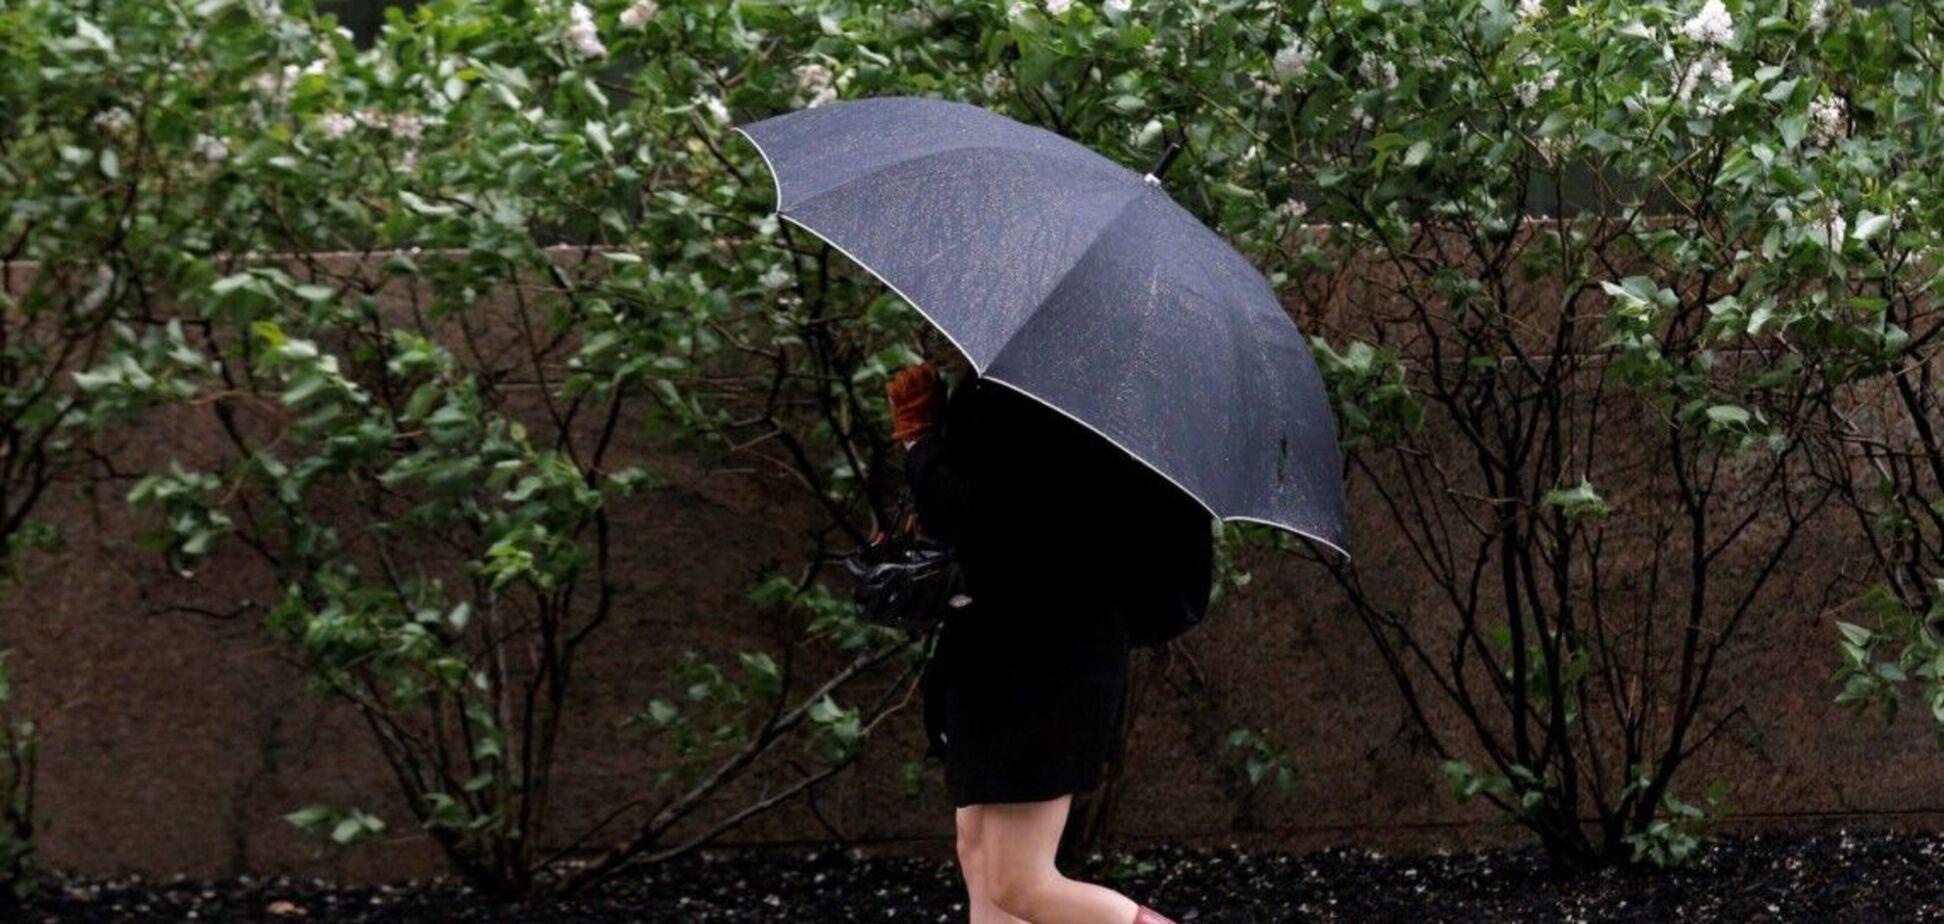 В Украине резко потеплеет и пойдут дожди: синоптики уточнили прогноз погоды на четверг. Карта